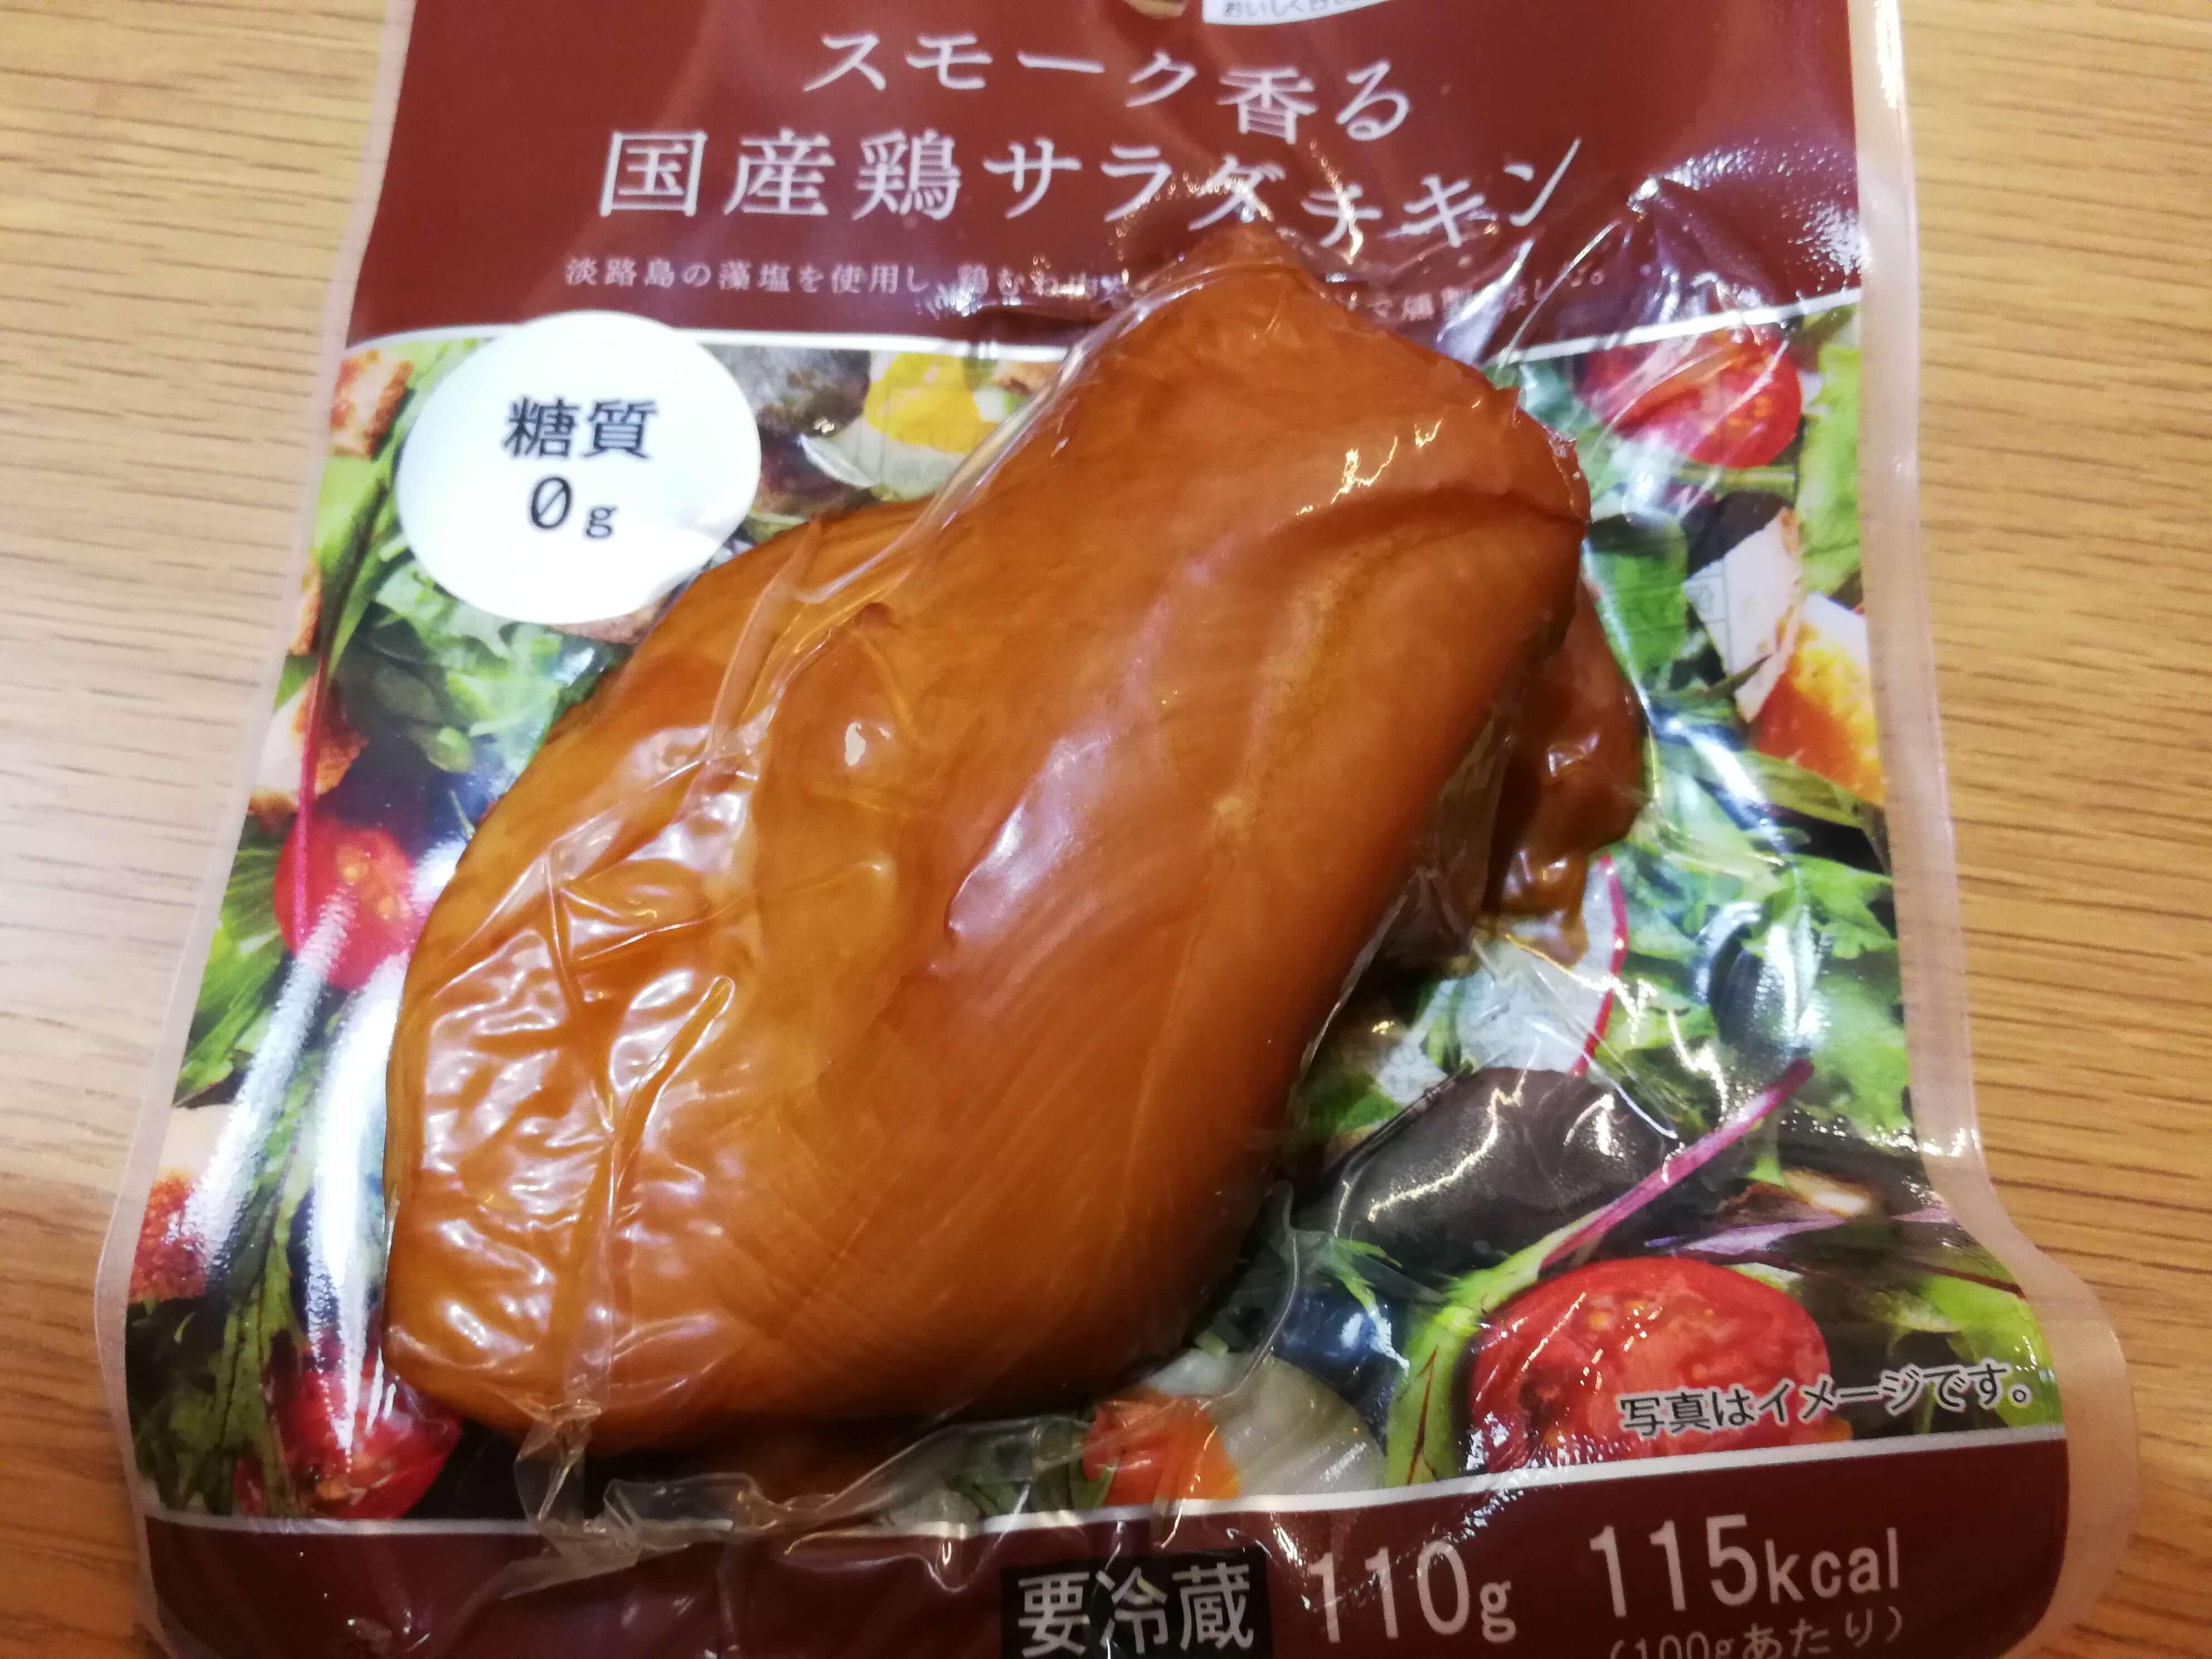 ファミリーマート|スモーク香る国産鶏サラダチキンのお酒のおつまみ感がサイコー